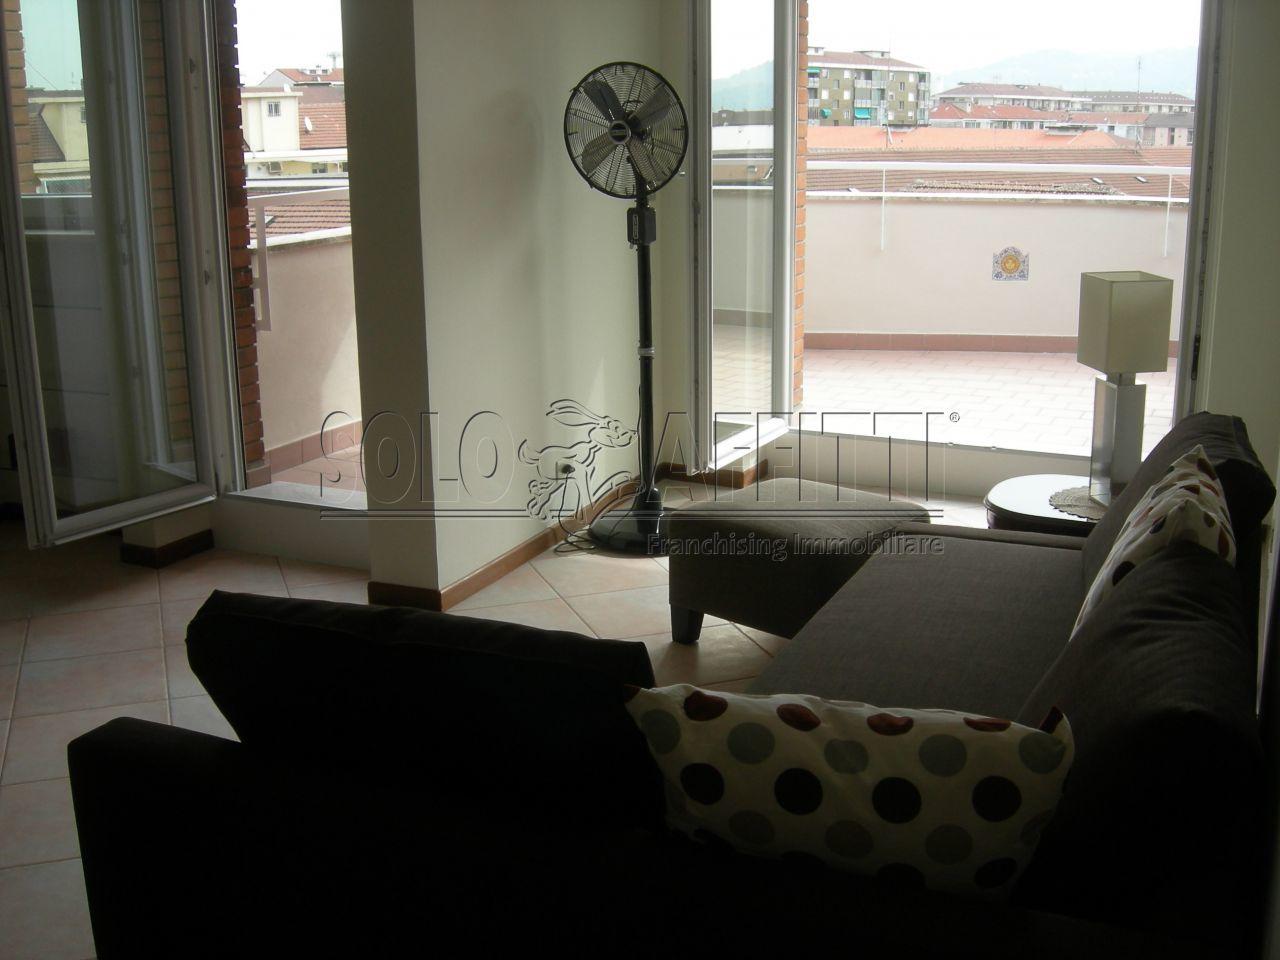 Appartamento in affitto a Torino, 4 locali, prezzo € 700 | CambioCasa.it